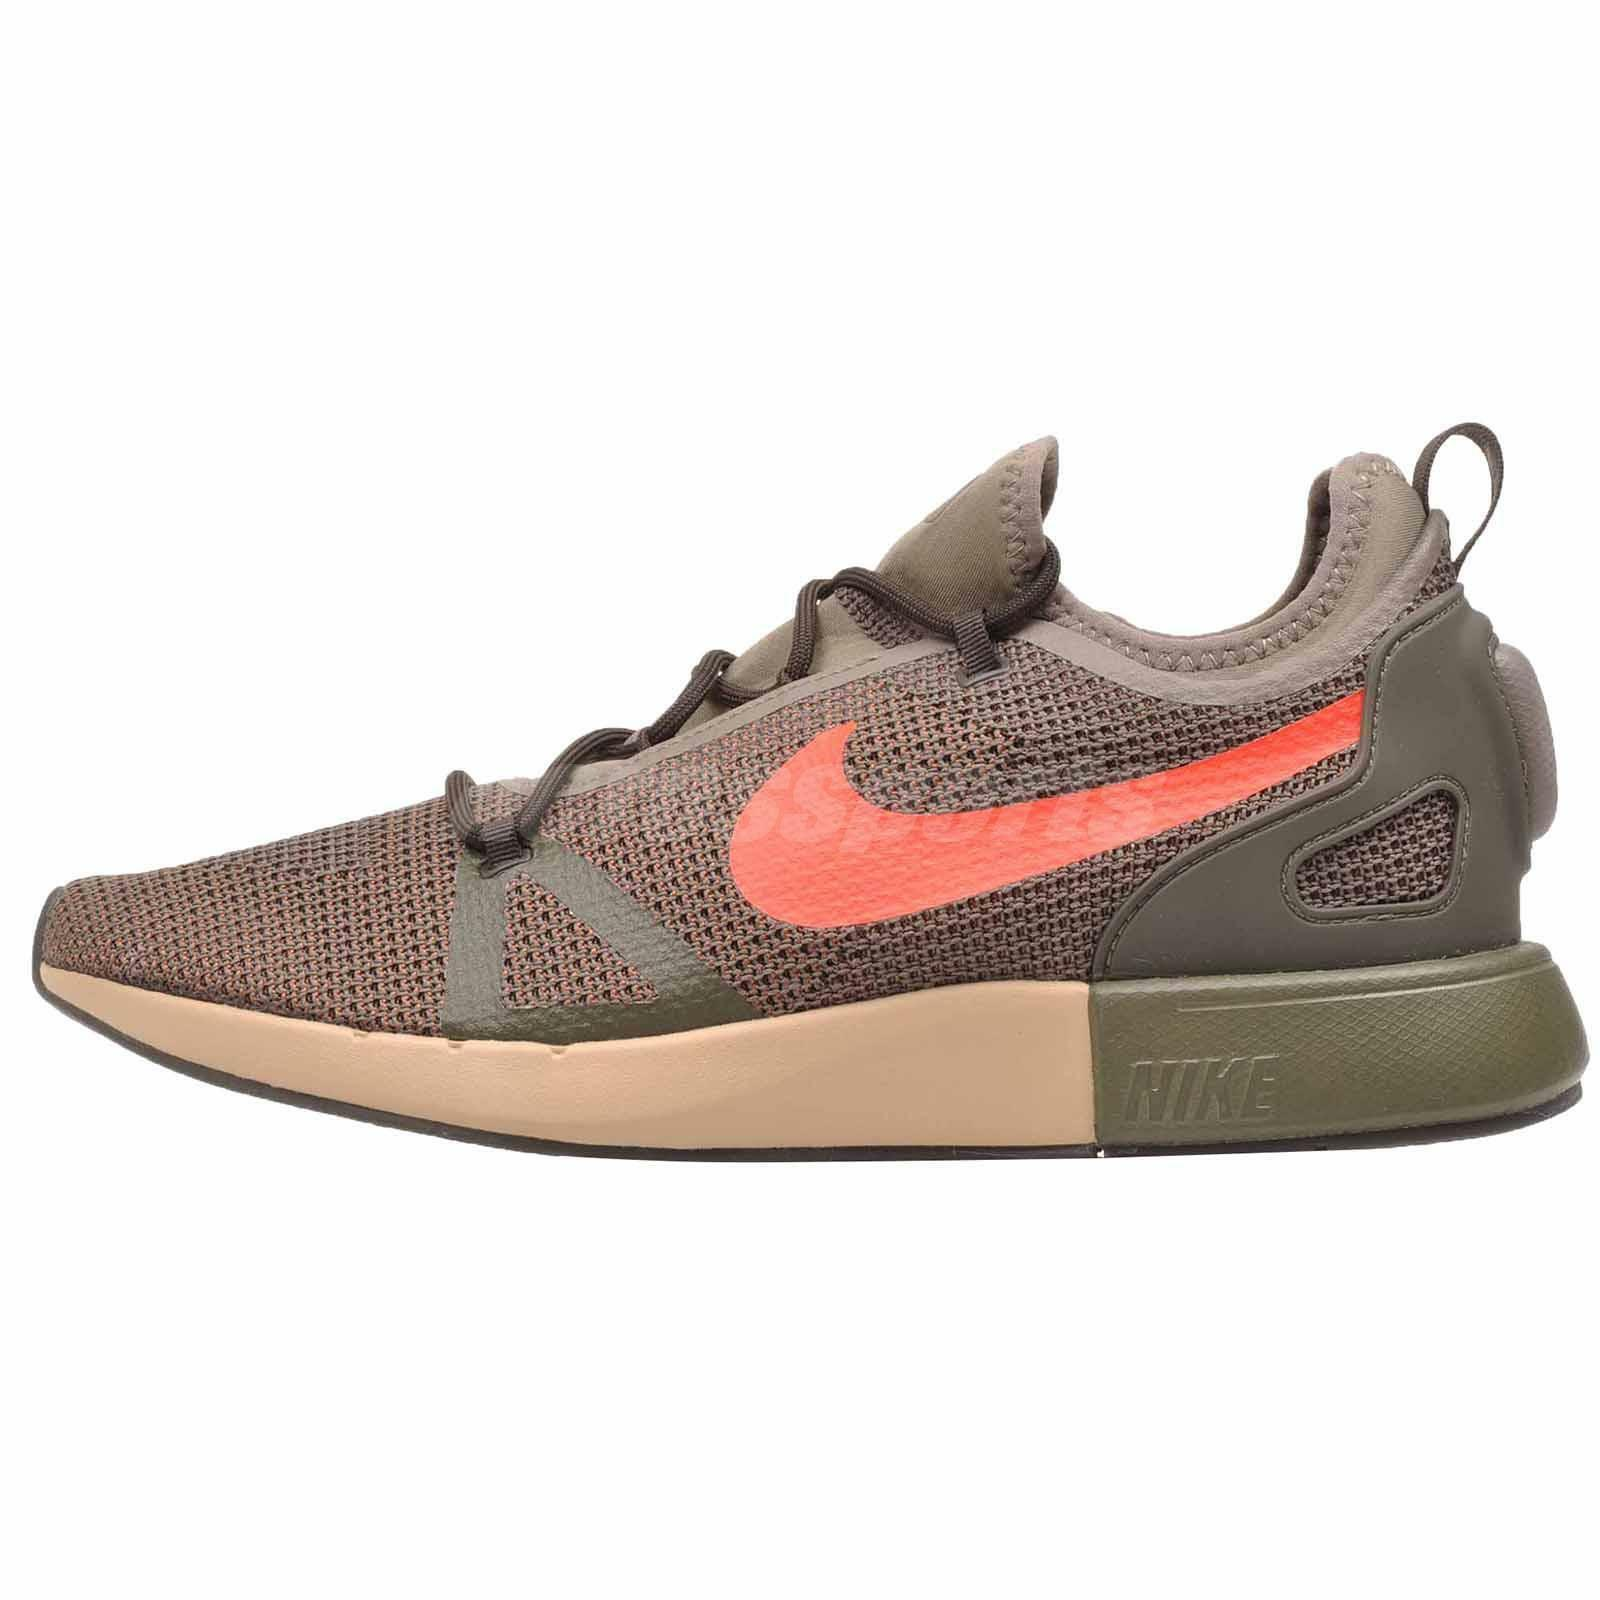 Nike Duel Racer Racer Racer Running Mens shoes Dark Mushroom Brown 918228-202 e440d1